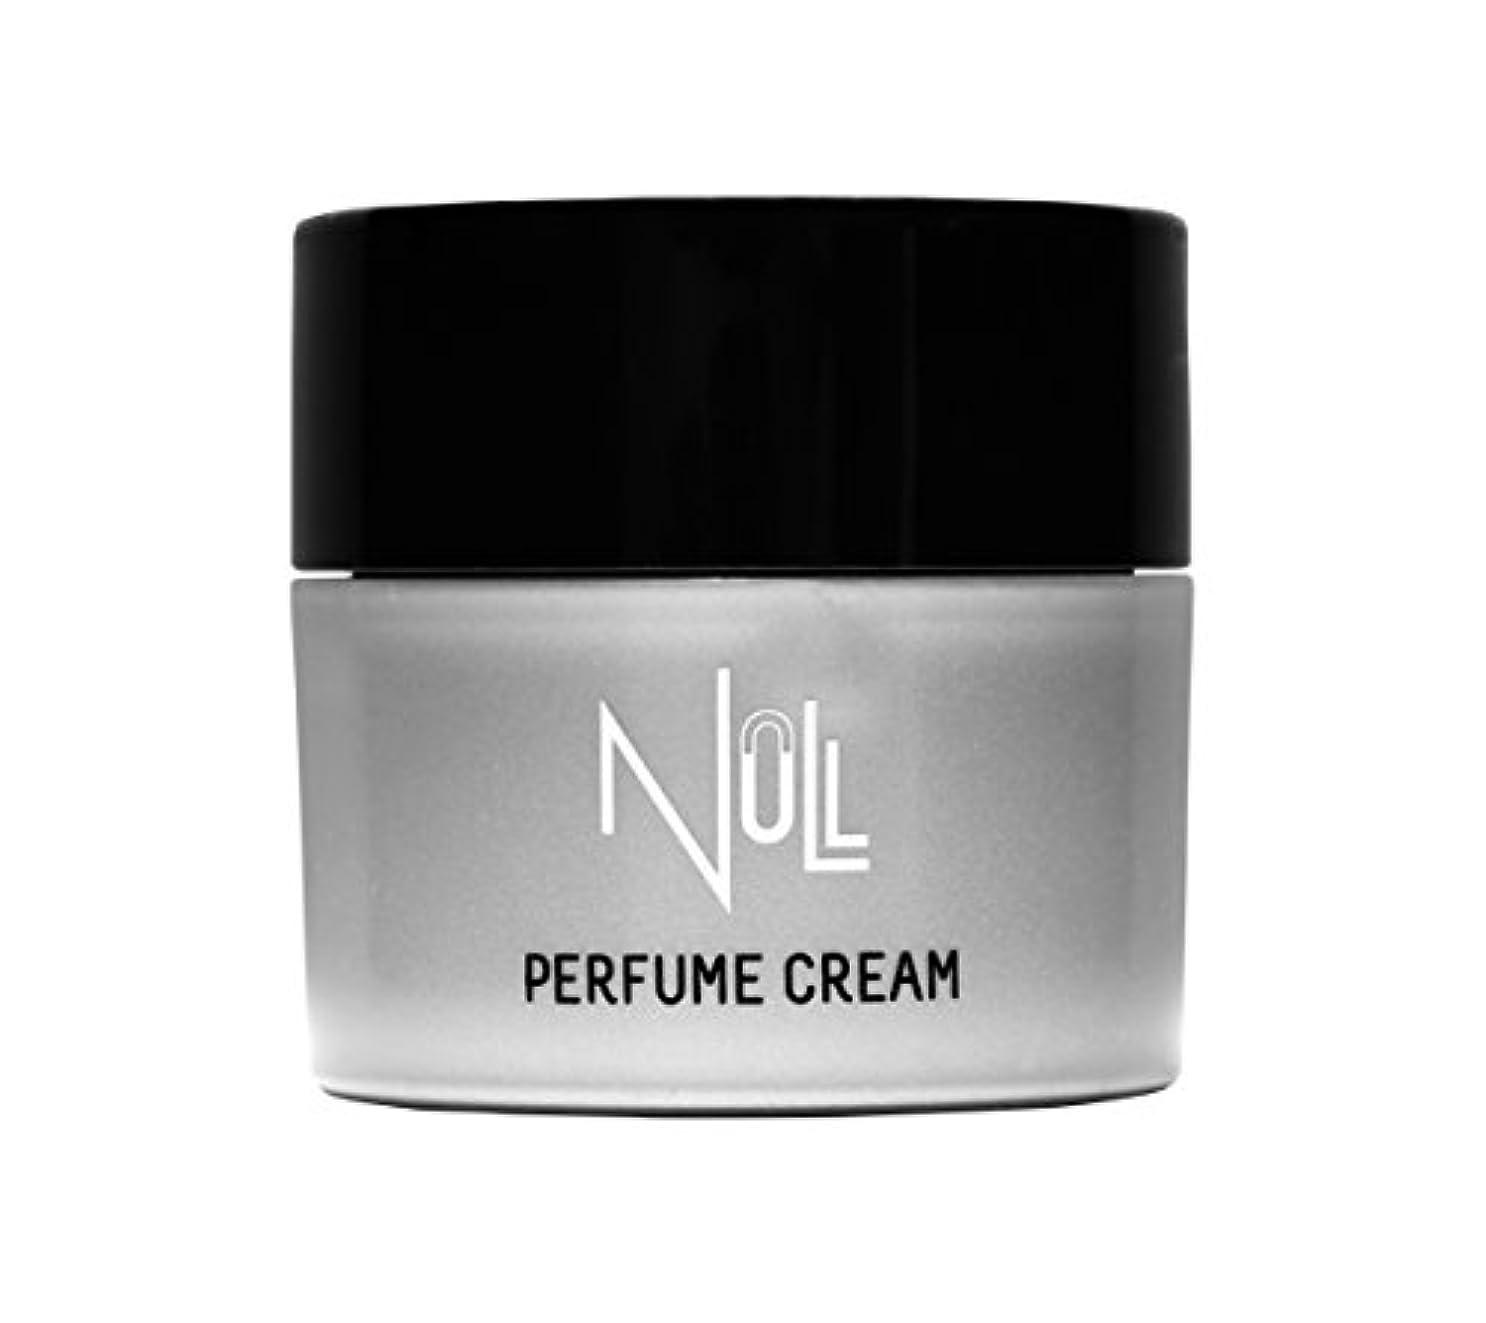 文句を言うミリメートル同僚NULL 練り香水 メンズ (キツすぎない 自然な香り シトラスムスク) パヒュームクリーム 練香水 香水 香水クリーム ボディクリーム ハンドクリーム 30g